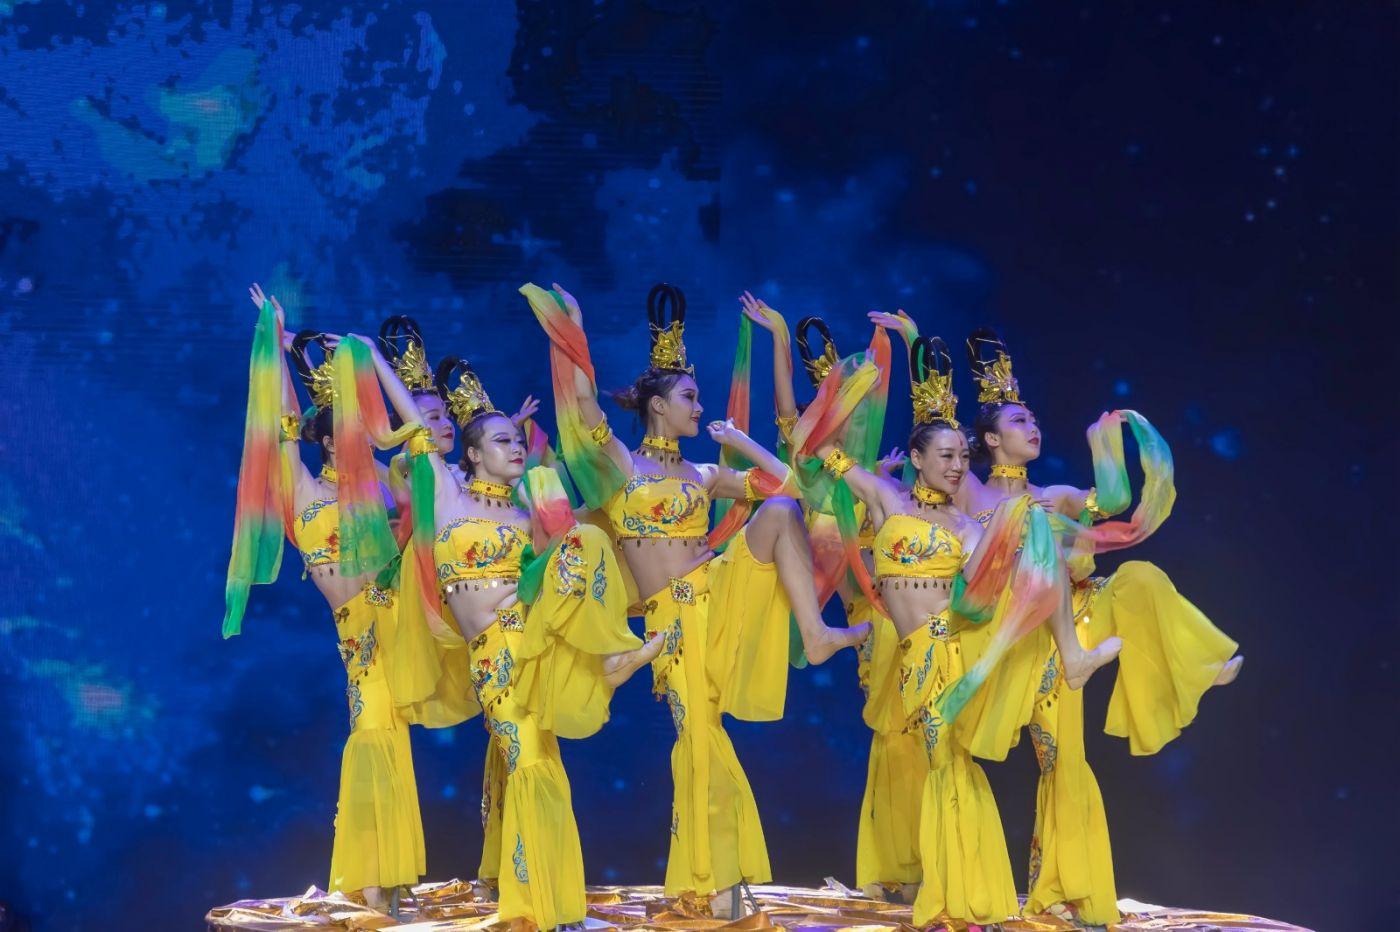 沂蒙大地上 有一种舞蹈叫飞天 这是几位临沂女孩的杰作 美轮美奂 ..._图1-32